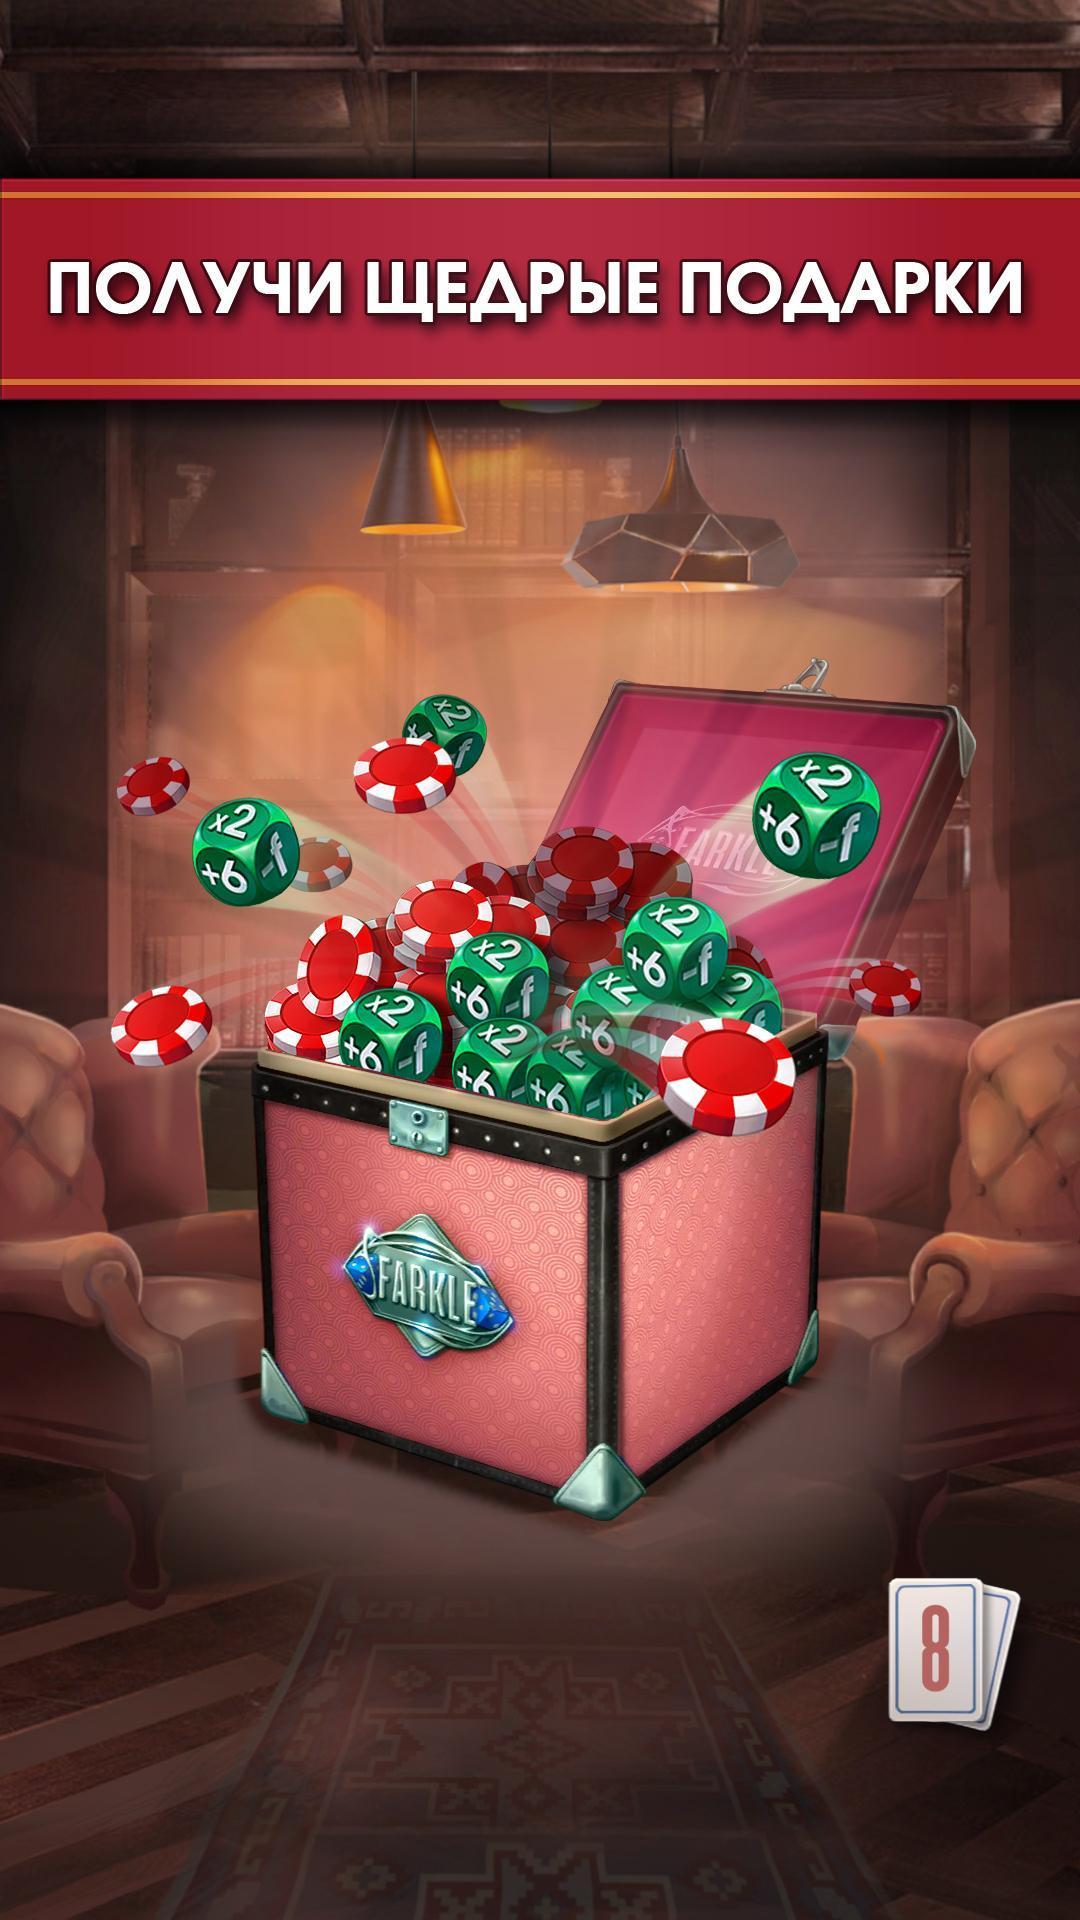 Скачать в онлайне бесплатно игру покер на карты 4 масти на весь экран играть бесплатно